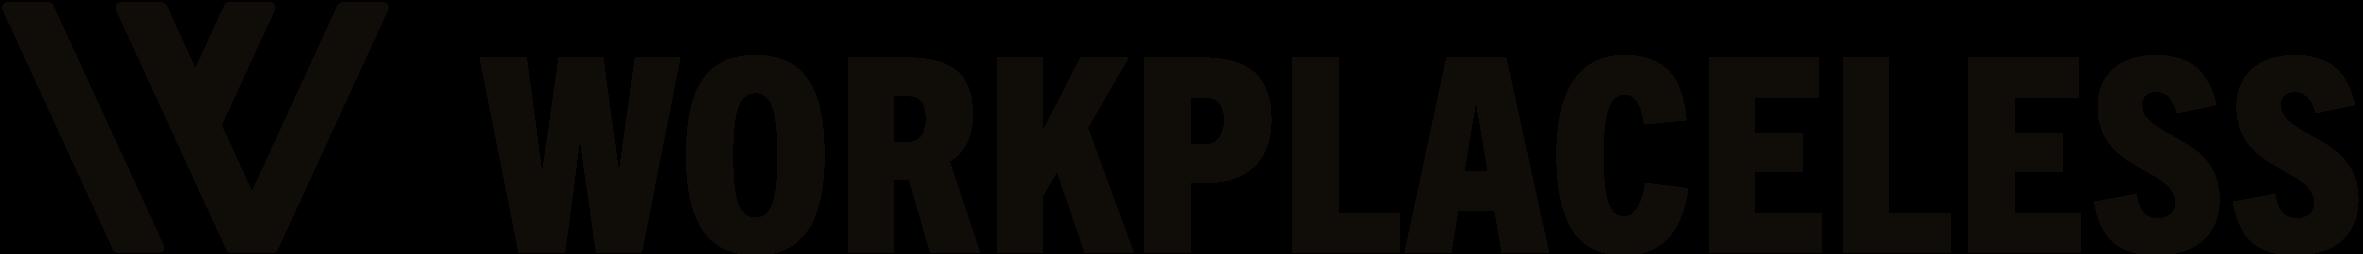 RGB_Logo_horizontal_POS-B&W.png